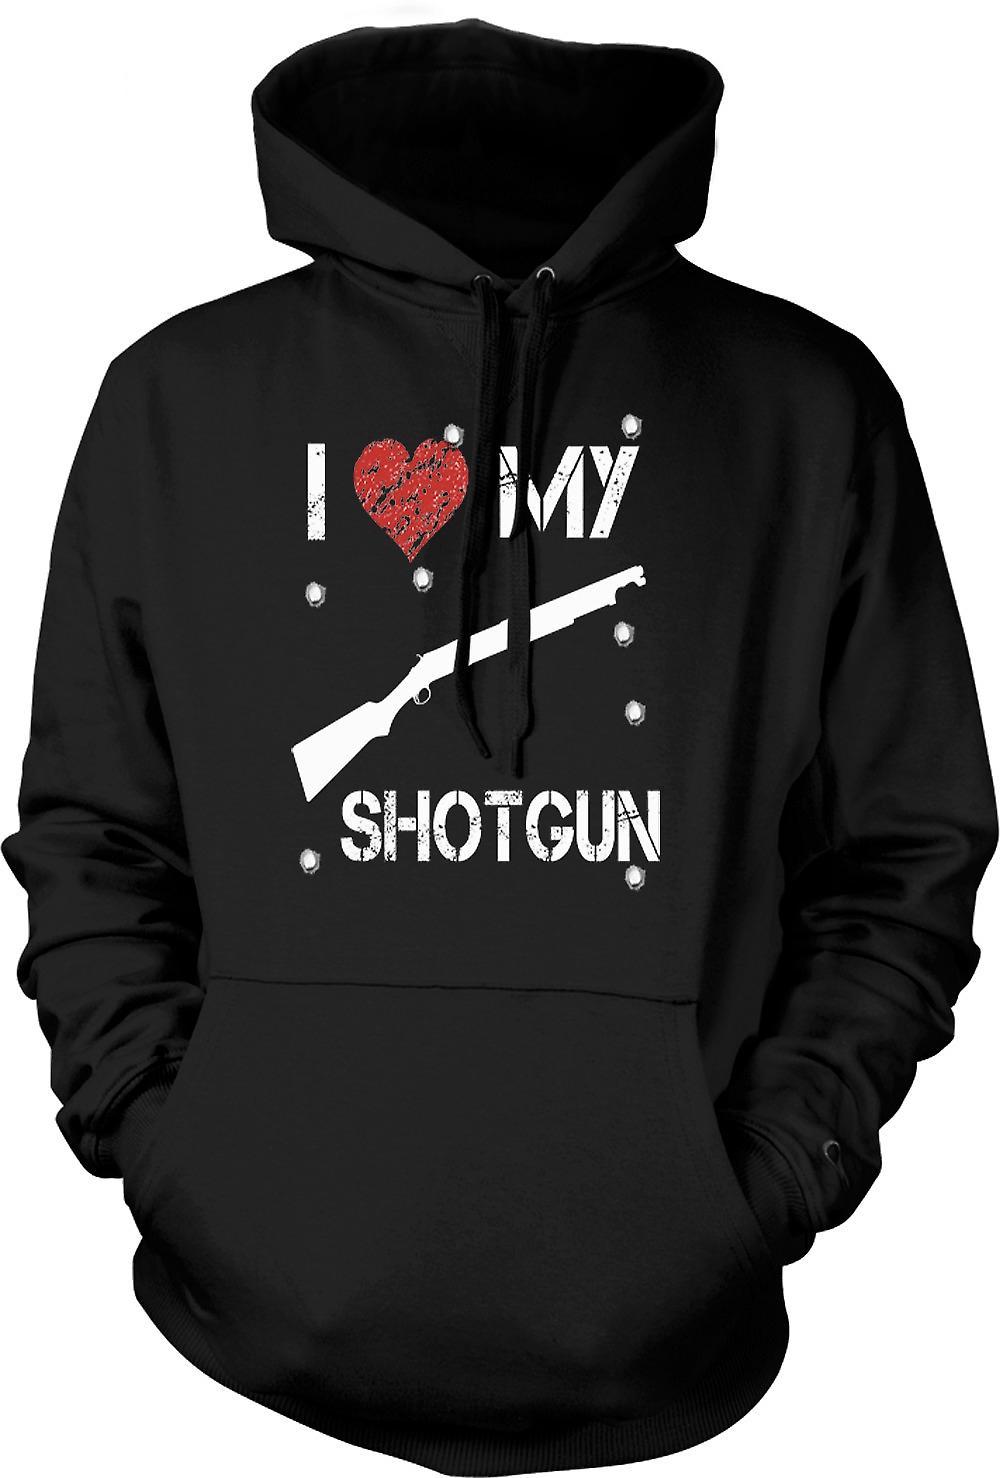 Mens Hoodie - ik hou van mijn Shotgun